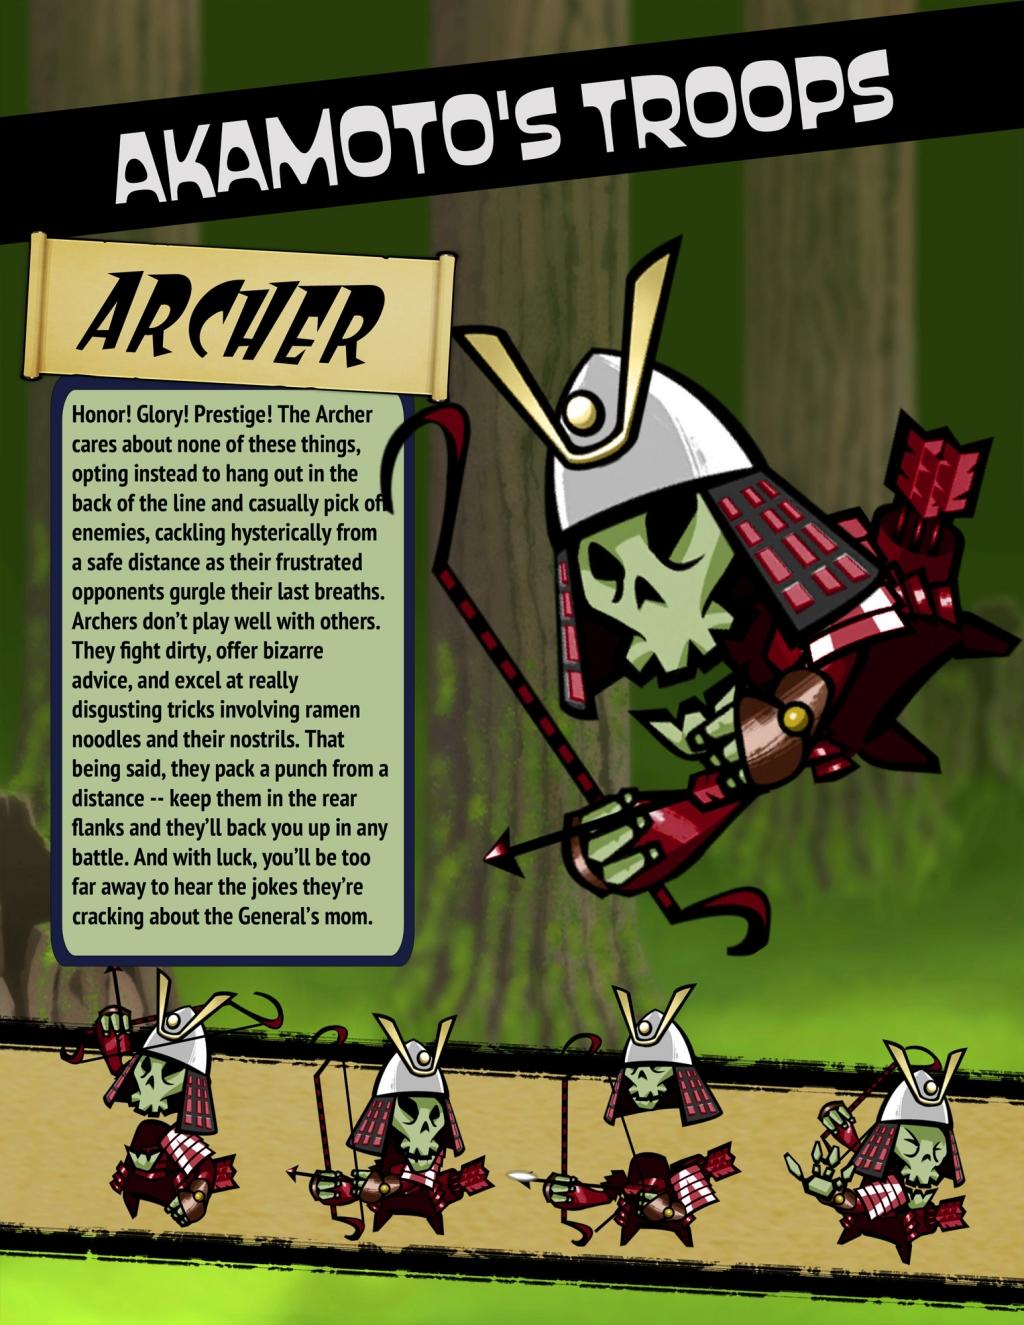 shogun 2 fall of the samurai units wiki